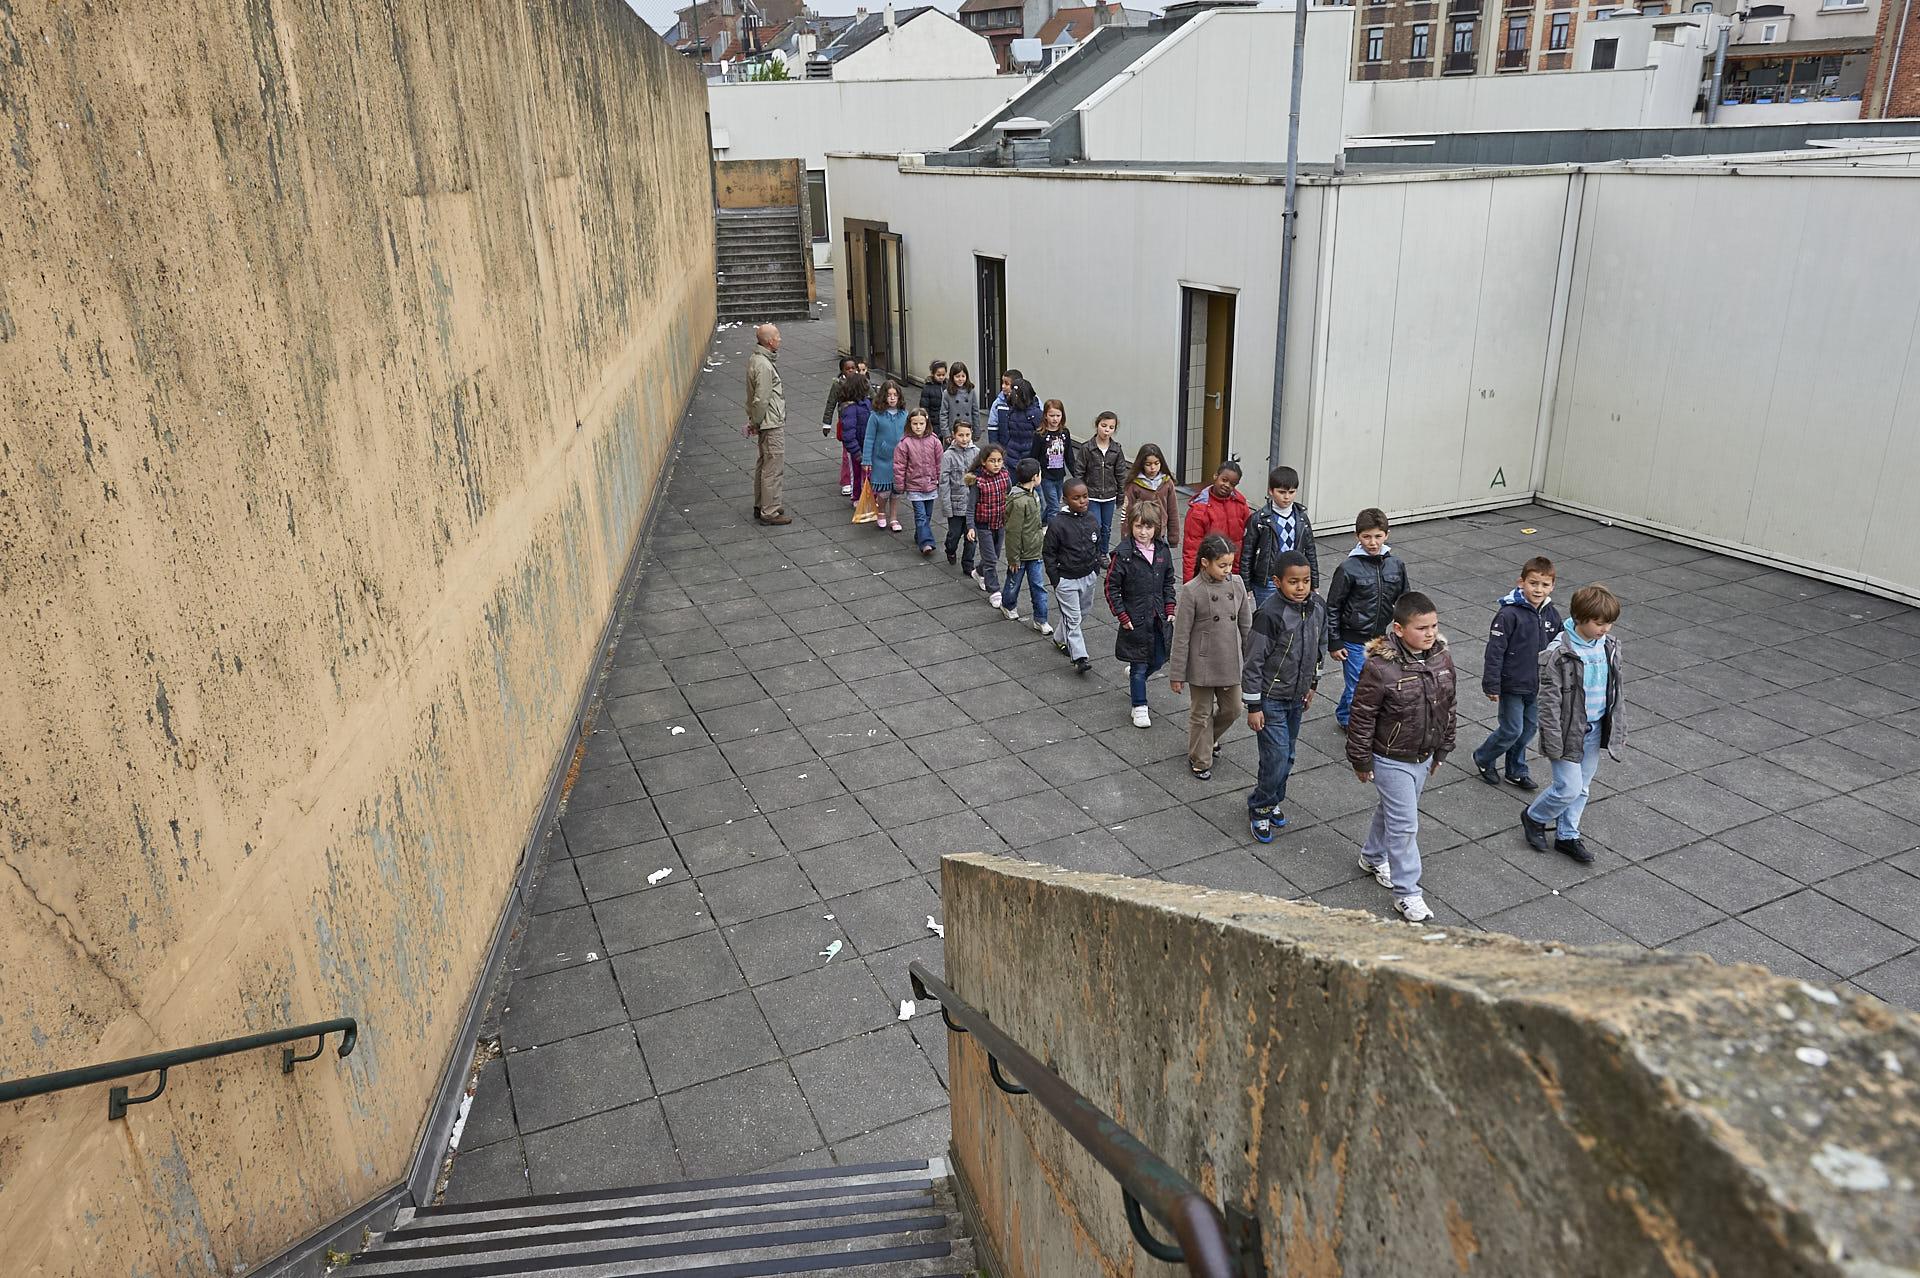 Schaerbeek, Brussel, schoolplein , kinderen marcheren, leraar kijkt toe